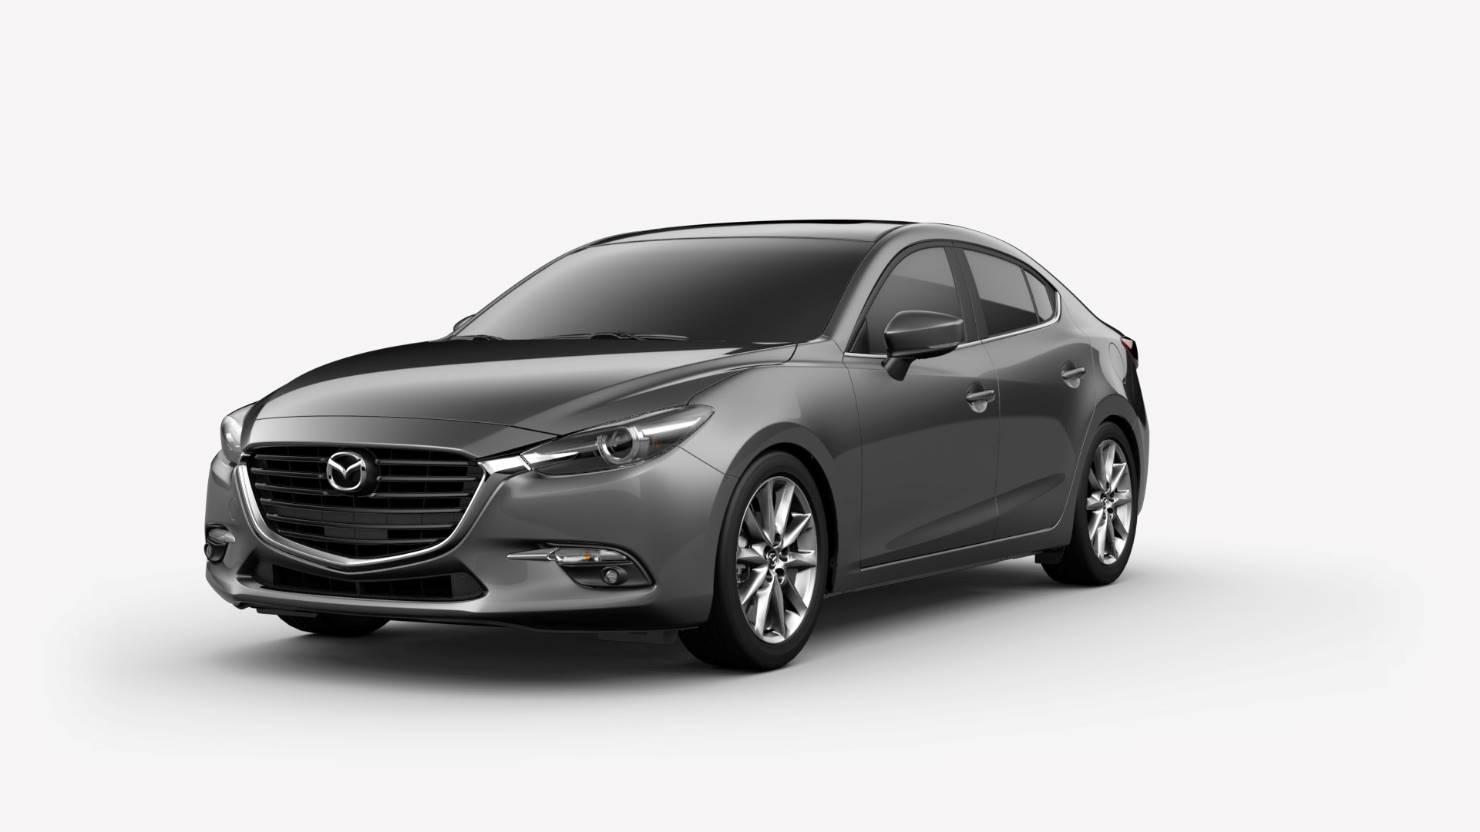 2018 Mazda3 Sedan, Machine Gray